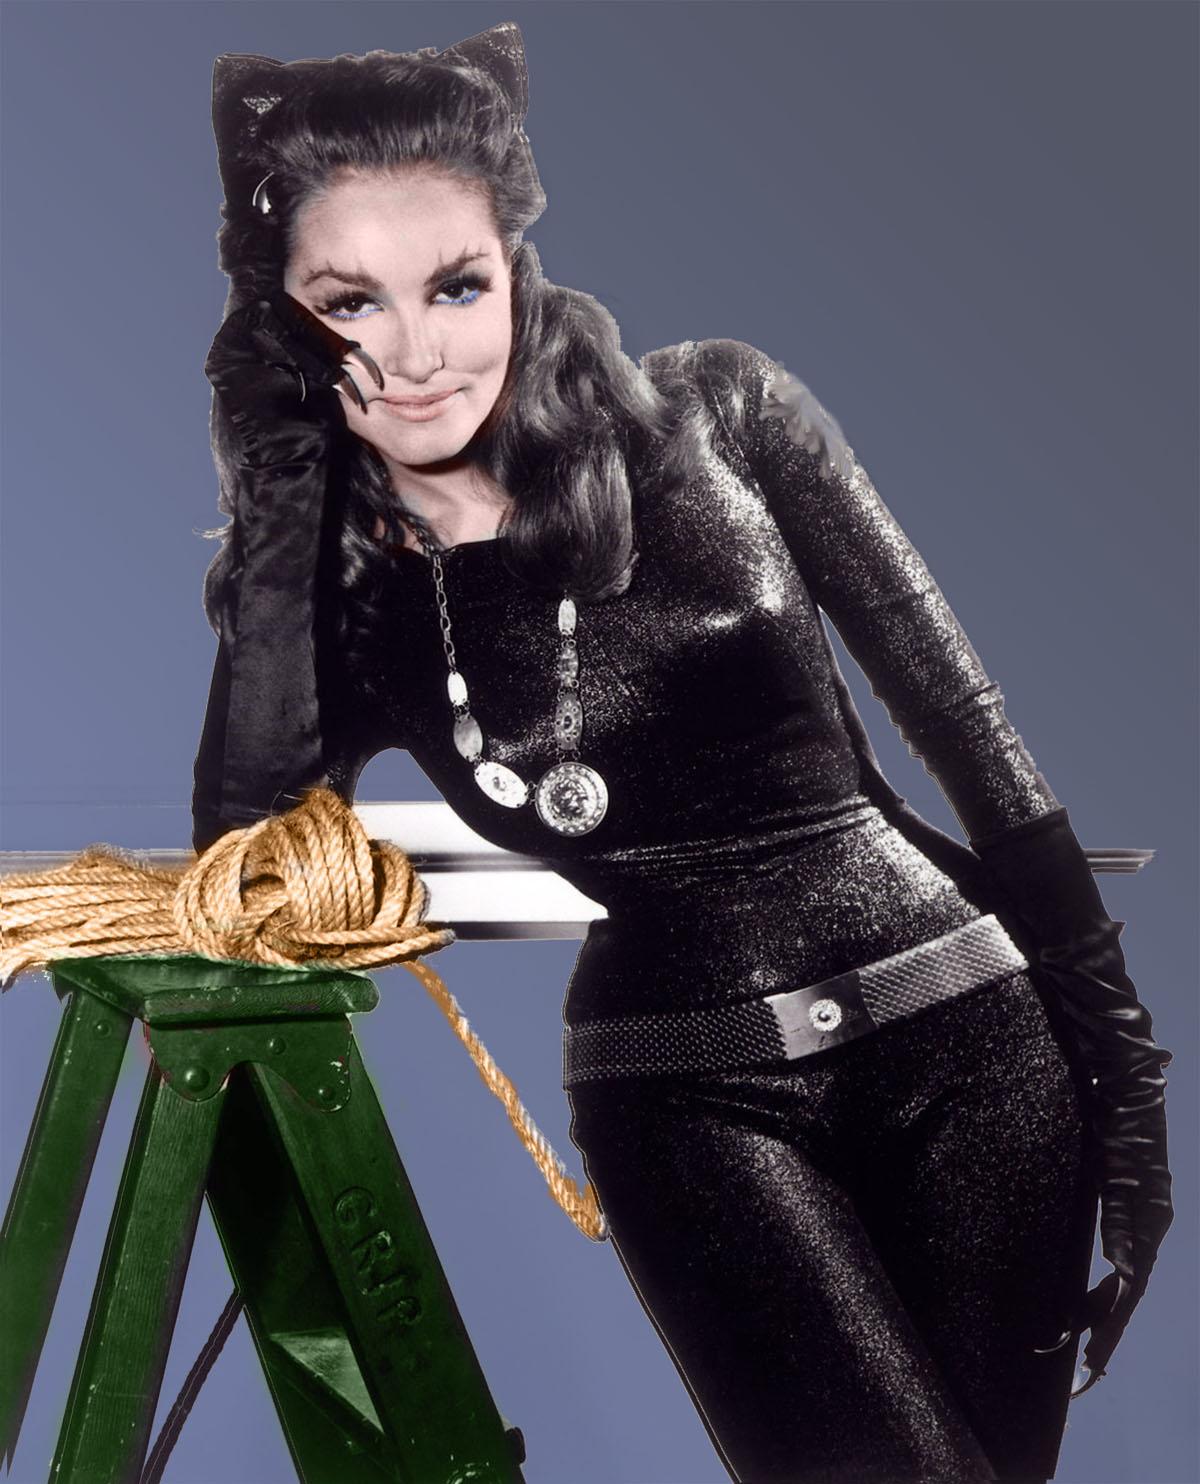 Julie Newmar as Catwoman on Batman